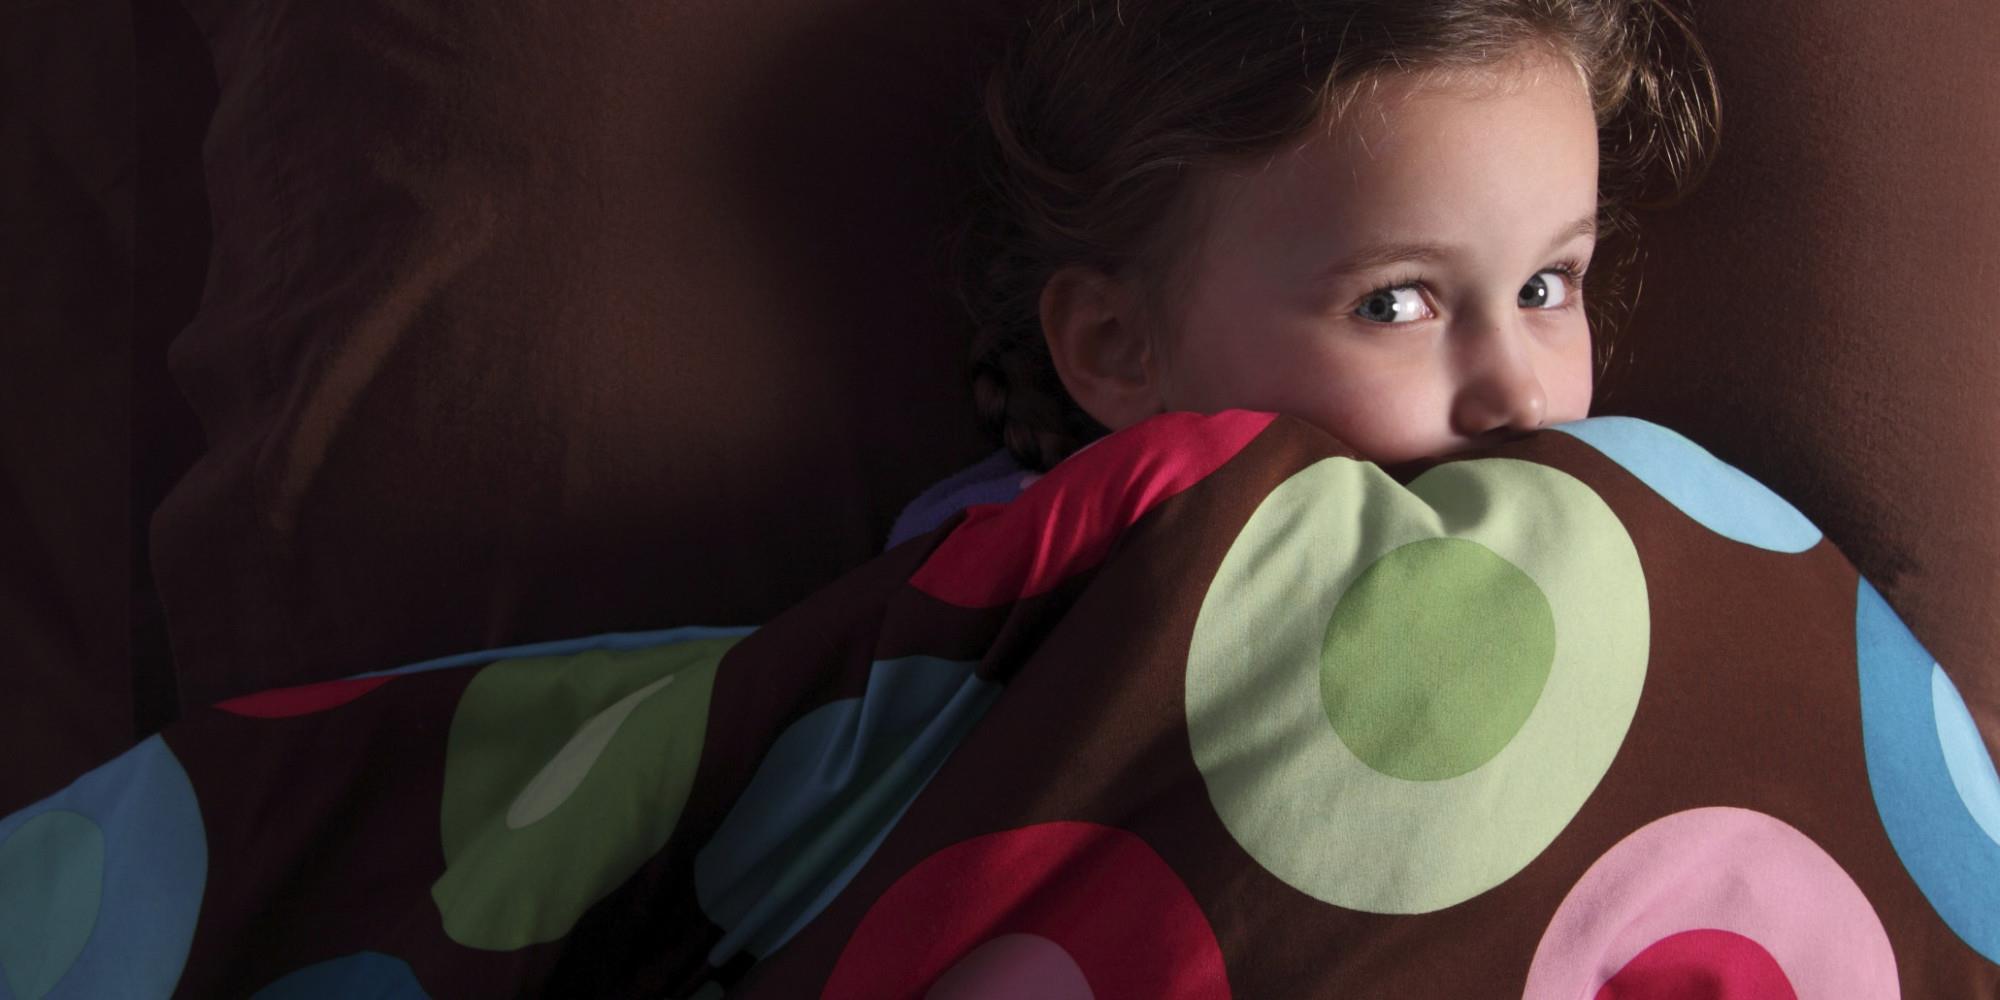 خواب شبانه ترسناک ، درمان خواب شبانه ترسناک